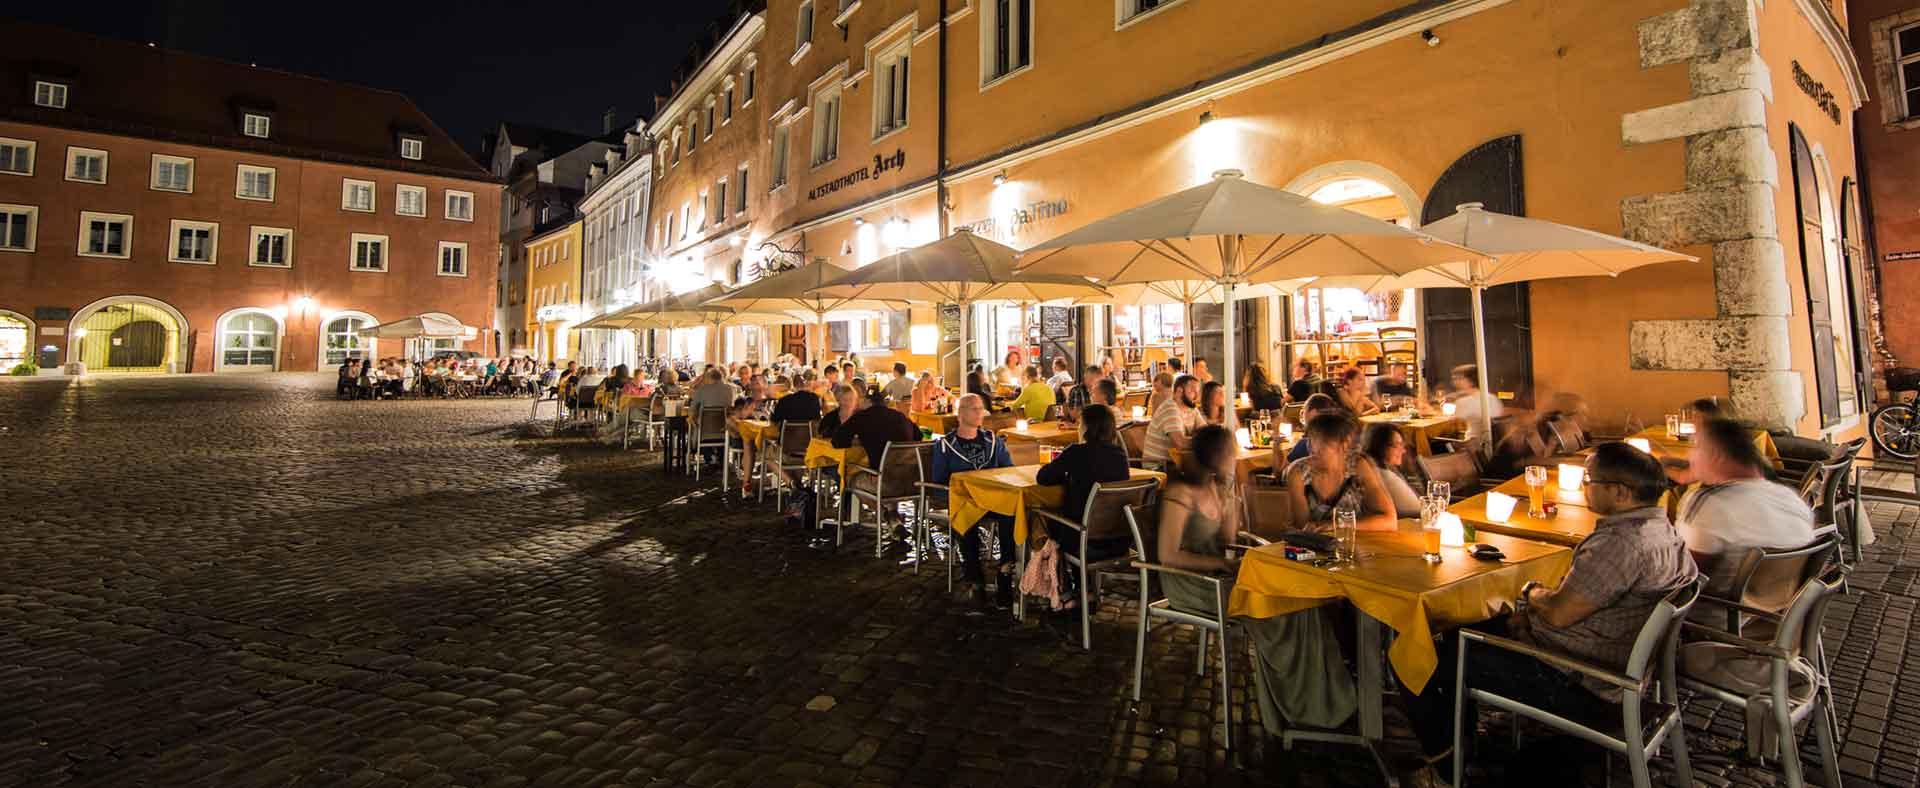 Essen Auf Rädern Regensburg